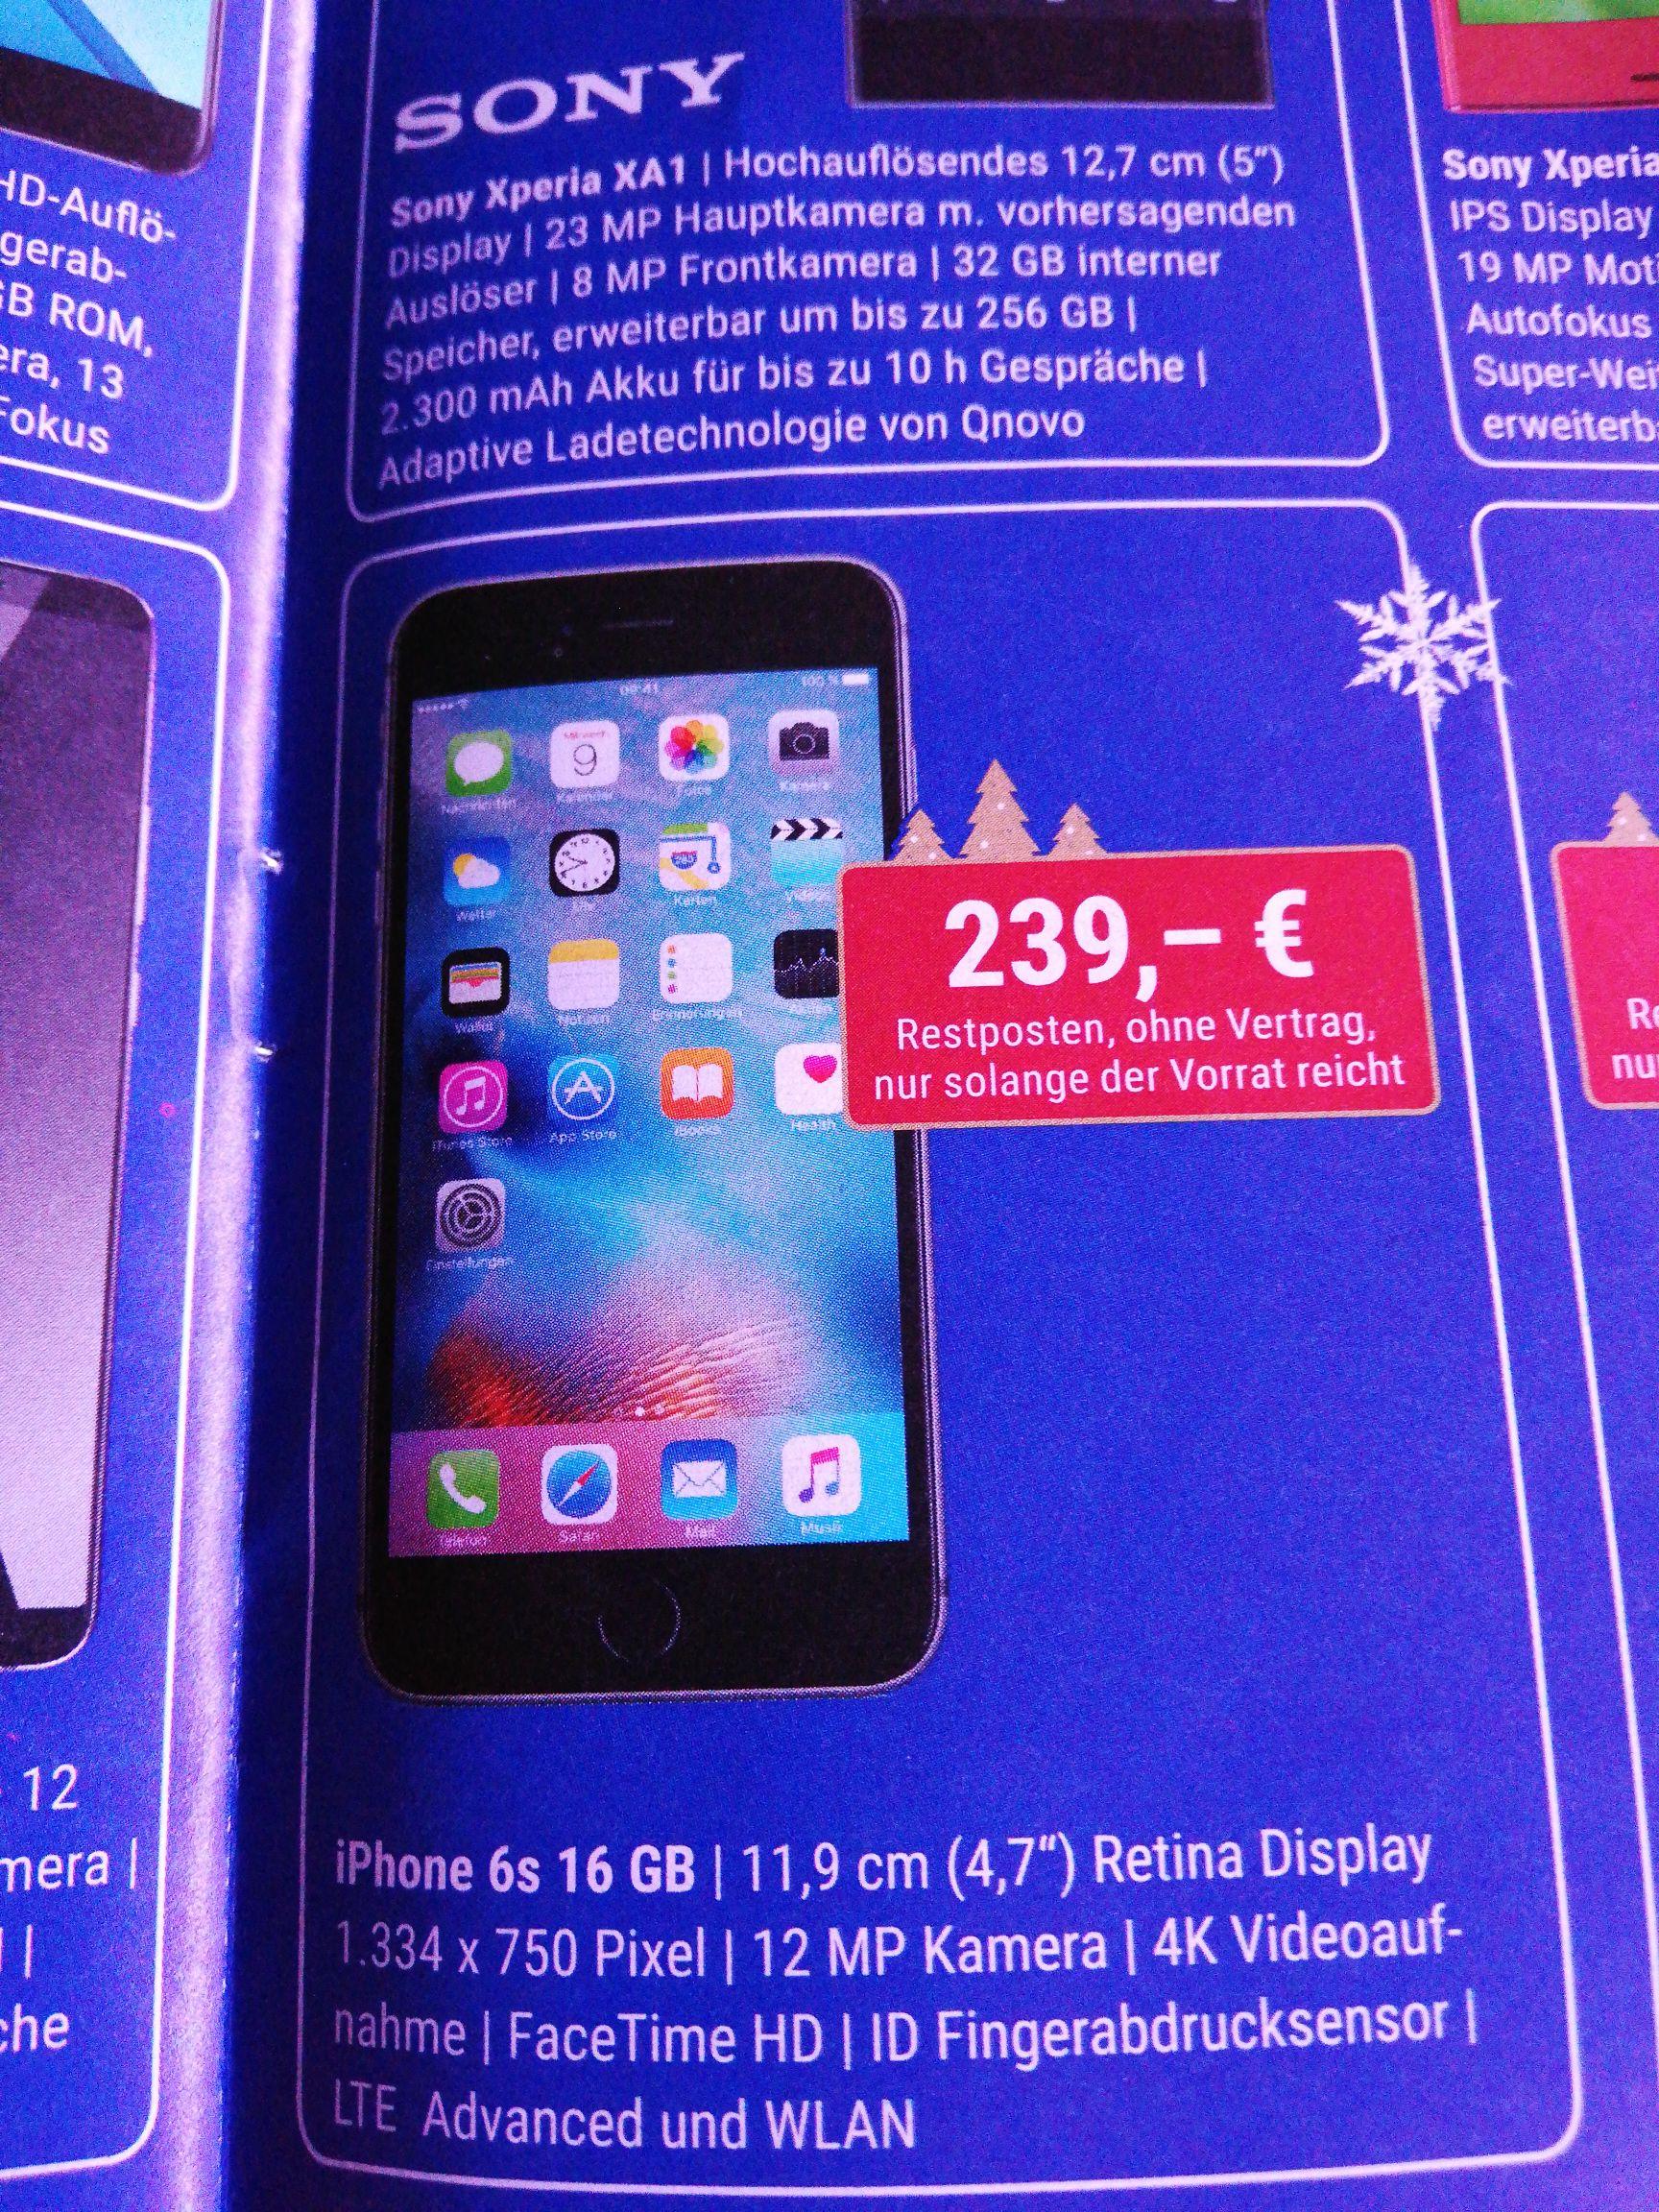 [LOKAL Bad Kissingen/Bad Neustadt Telefonladen] IPhone 6s 16GB für 239€ Nur solange der Vorrat reicht.